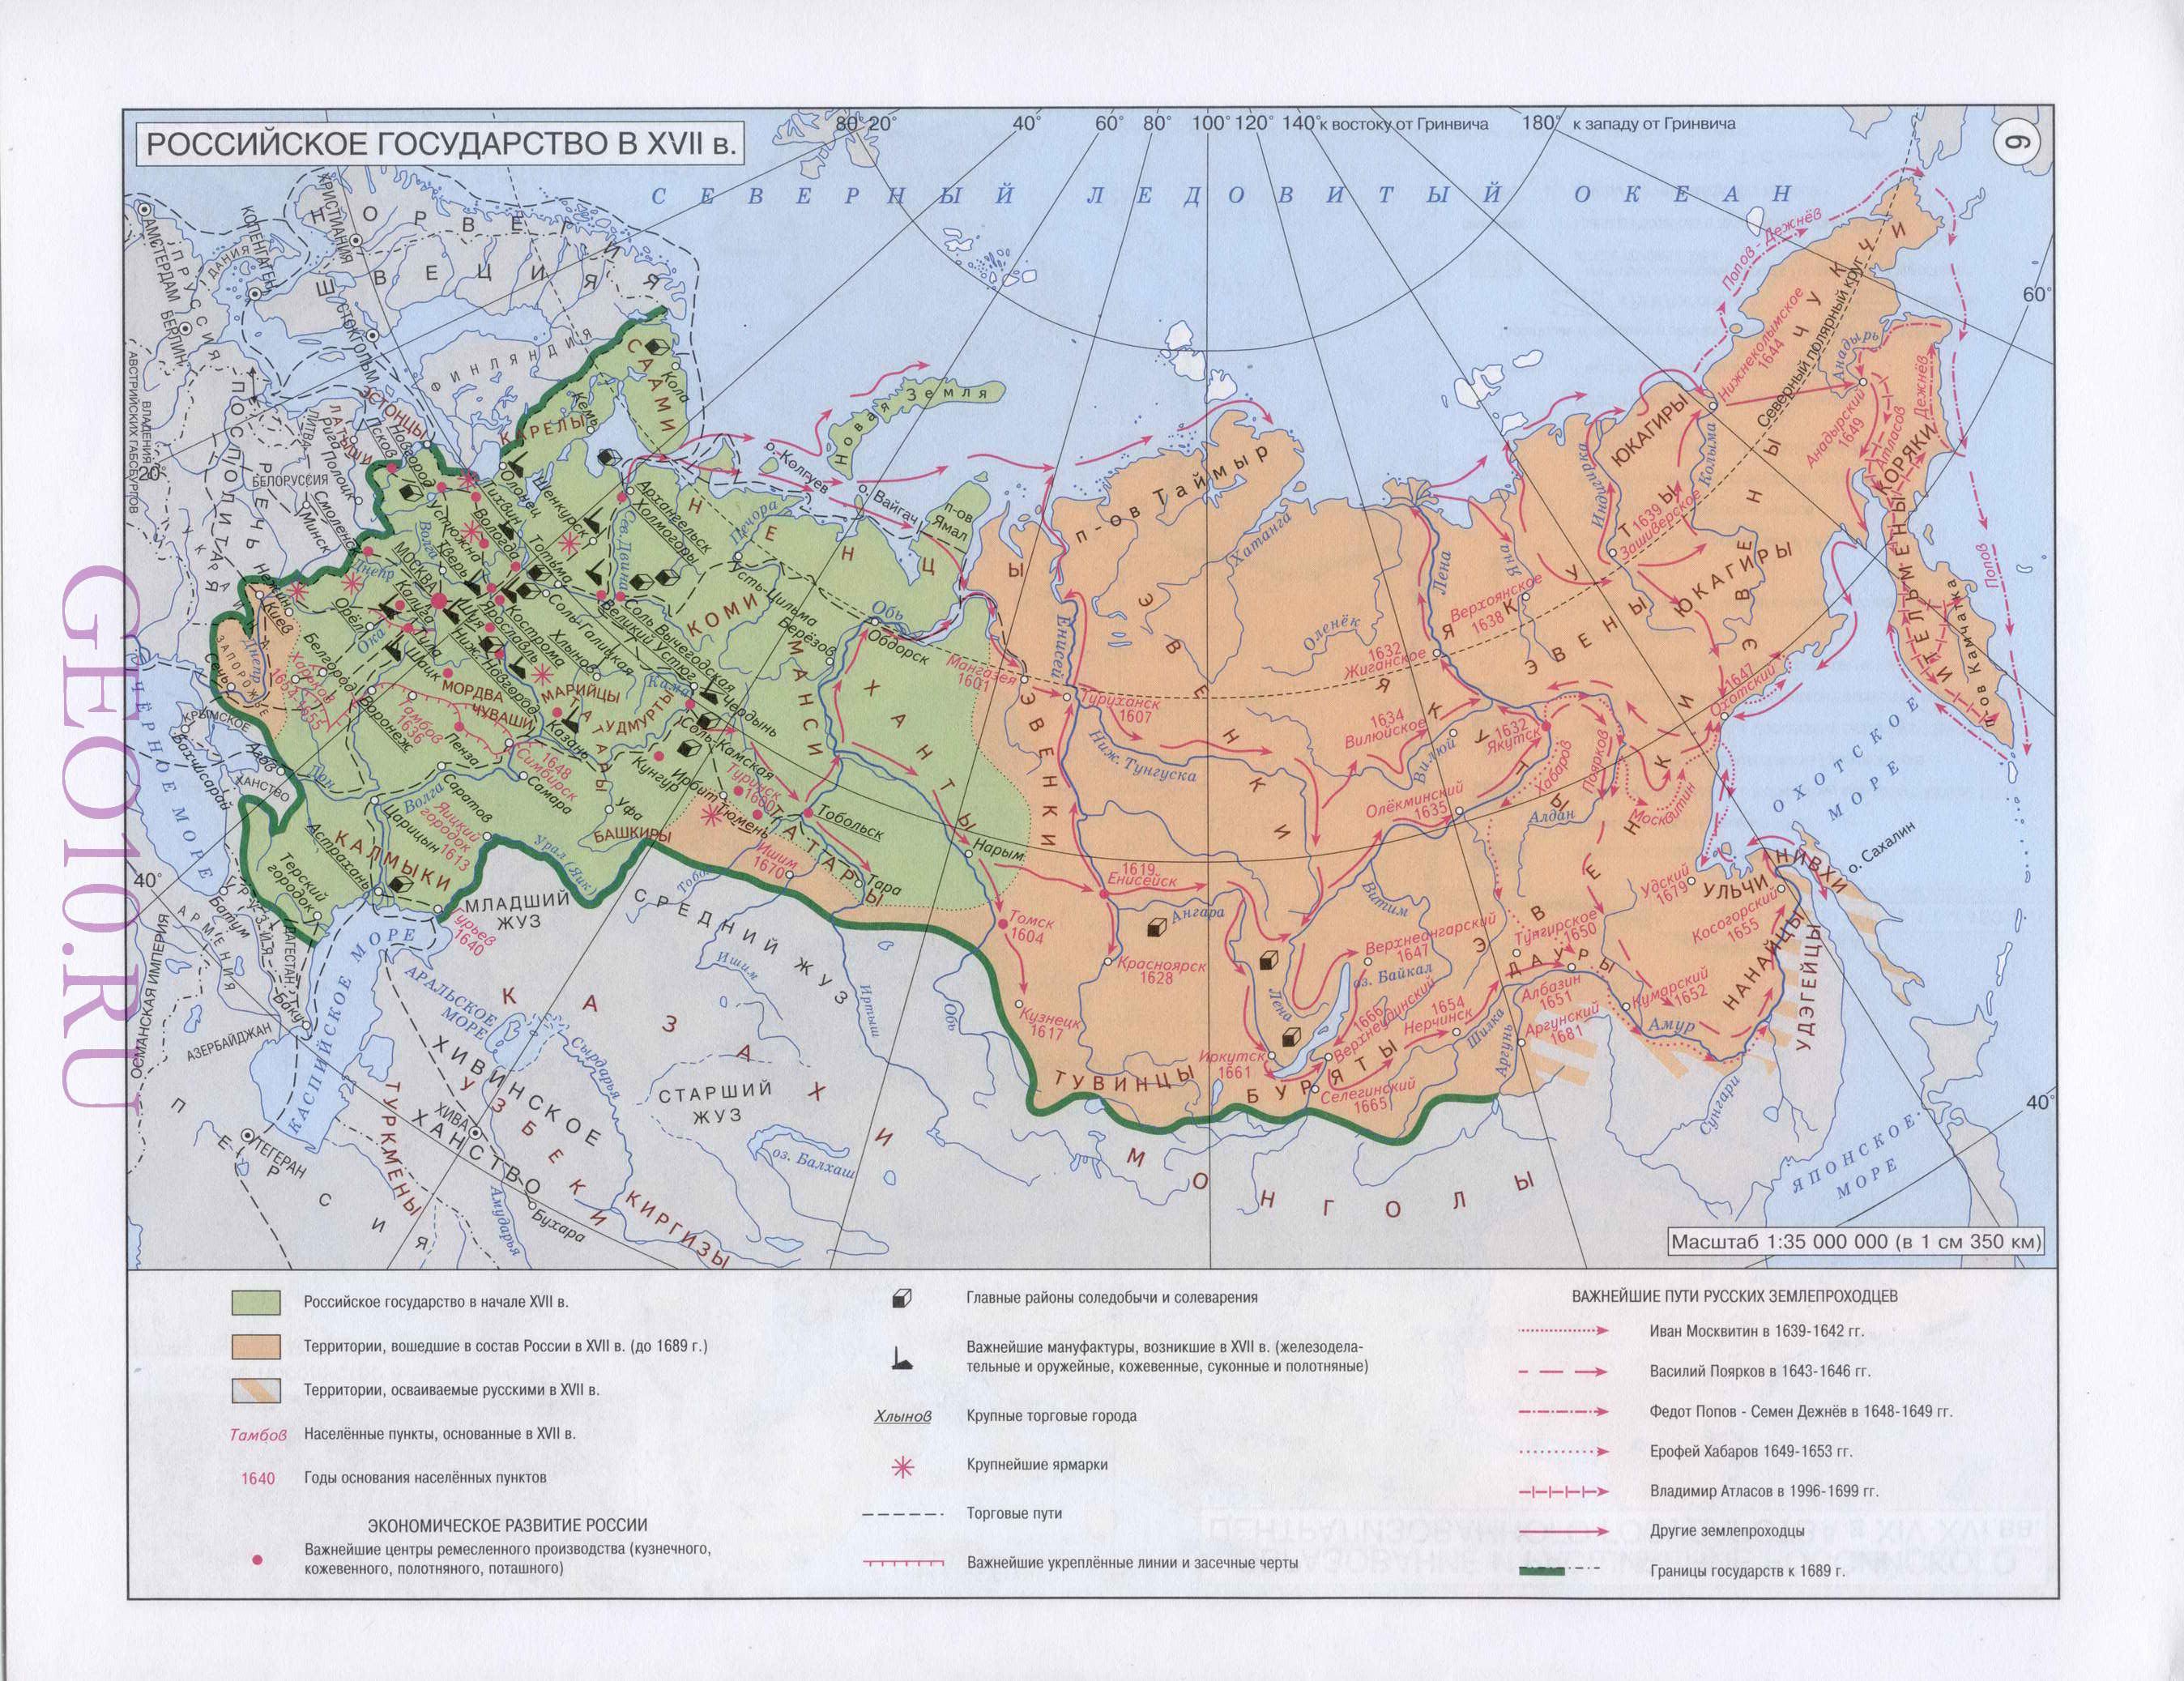 Карта Русского государства в 17 веке.  Укрепленные линии и засечные черты России в 17 веке.